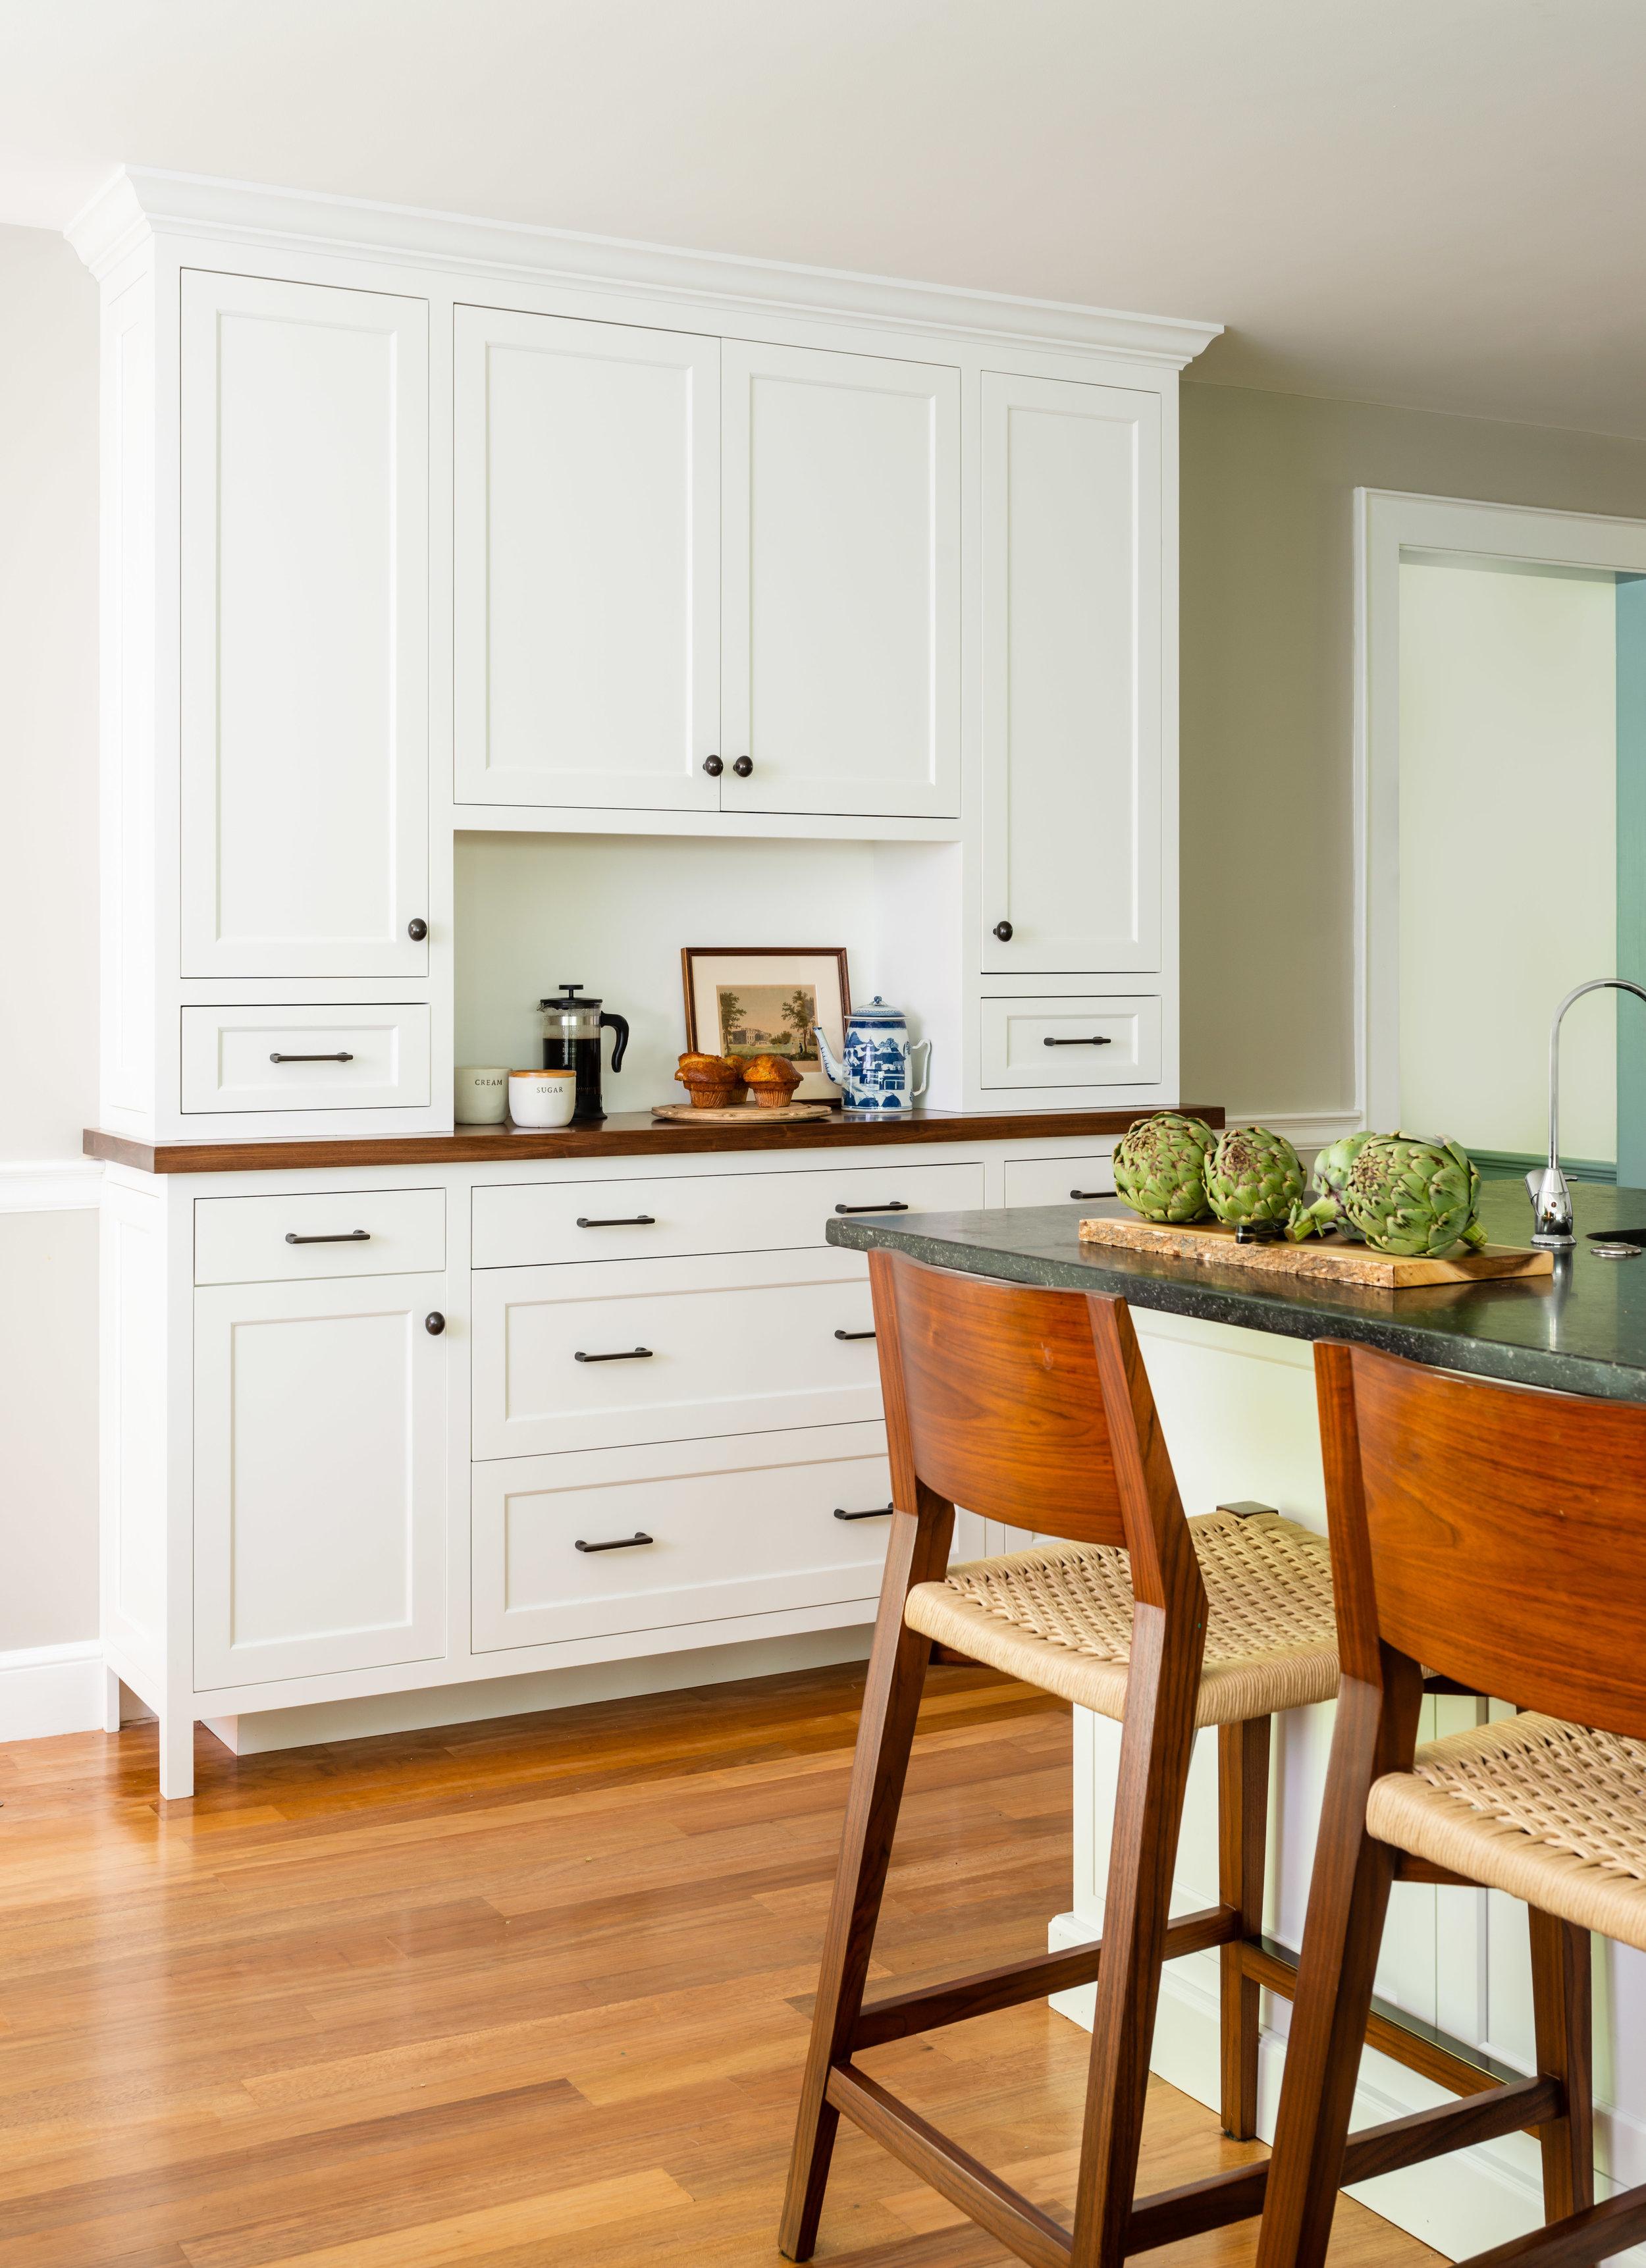 PinneyDesigns Chestnut Hill kitchen-4718edit-Edit.jpg